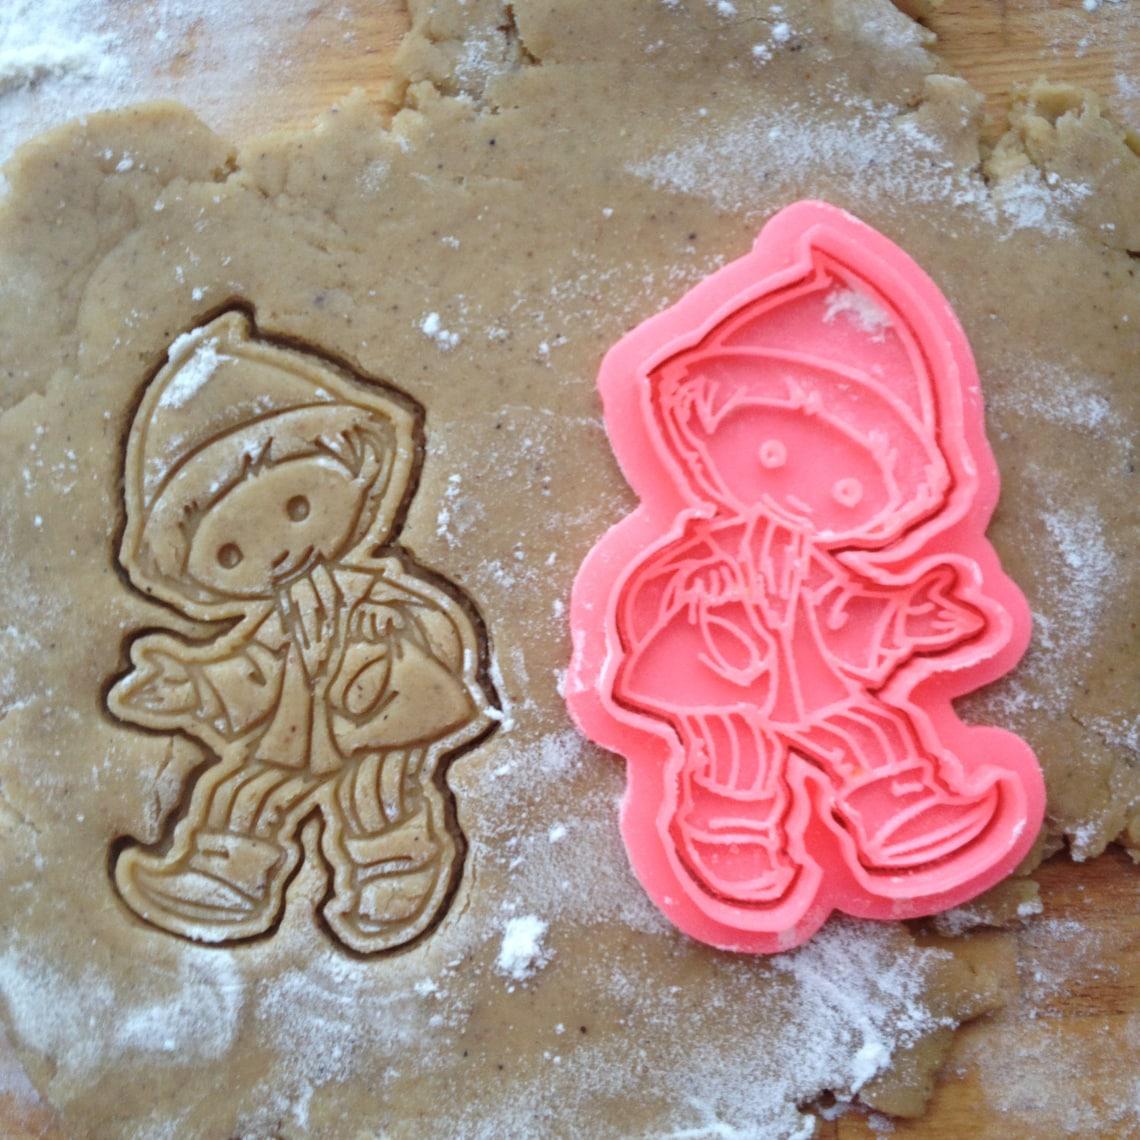 Sandmaennchen Cookie cutter